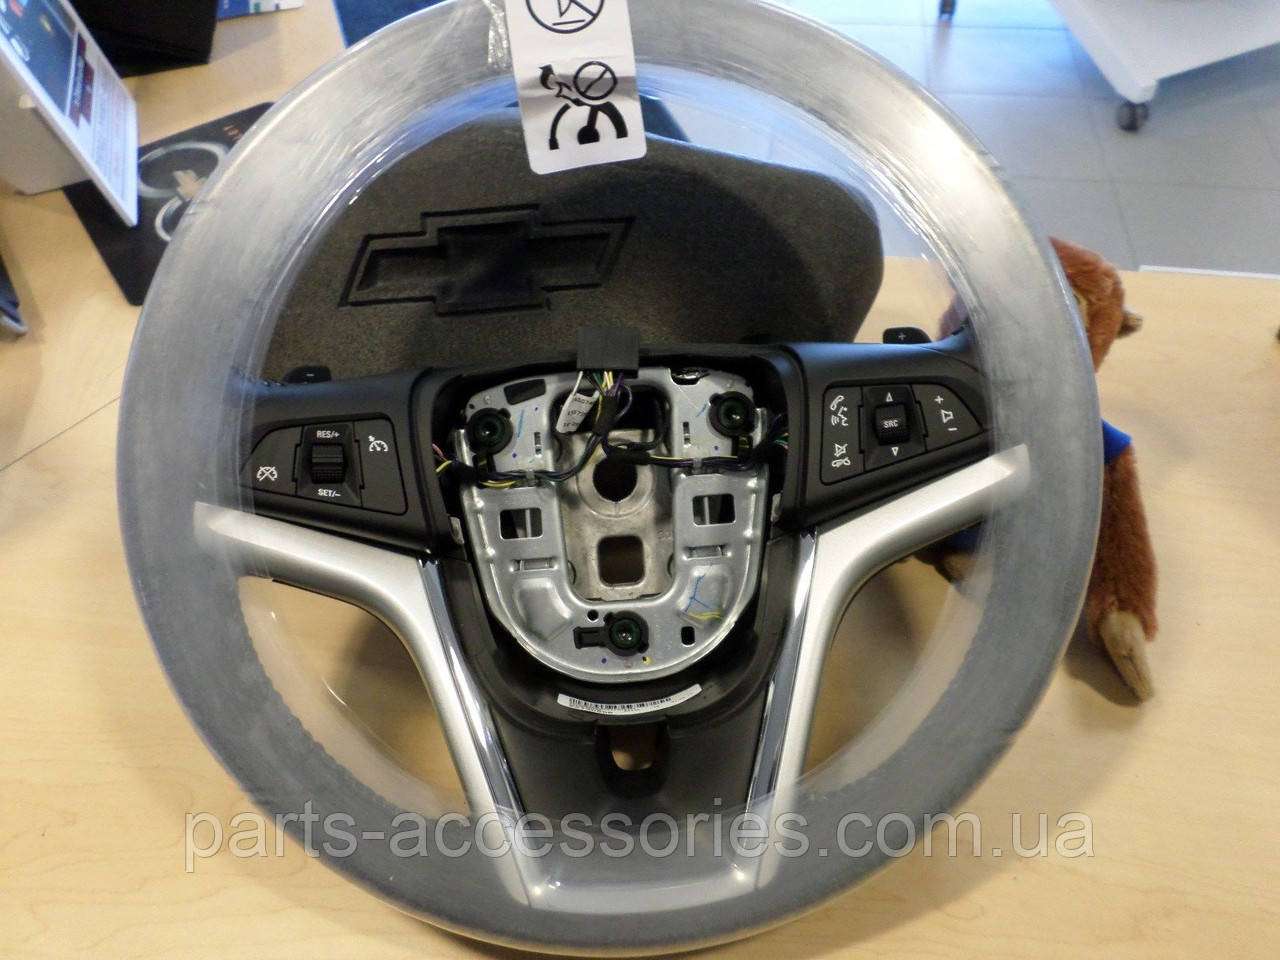 Руль кожаный Chevrolet Camaro 2012-15 автомат новый оригинальный